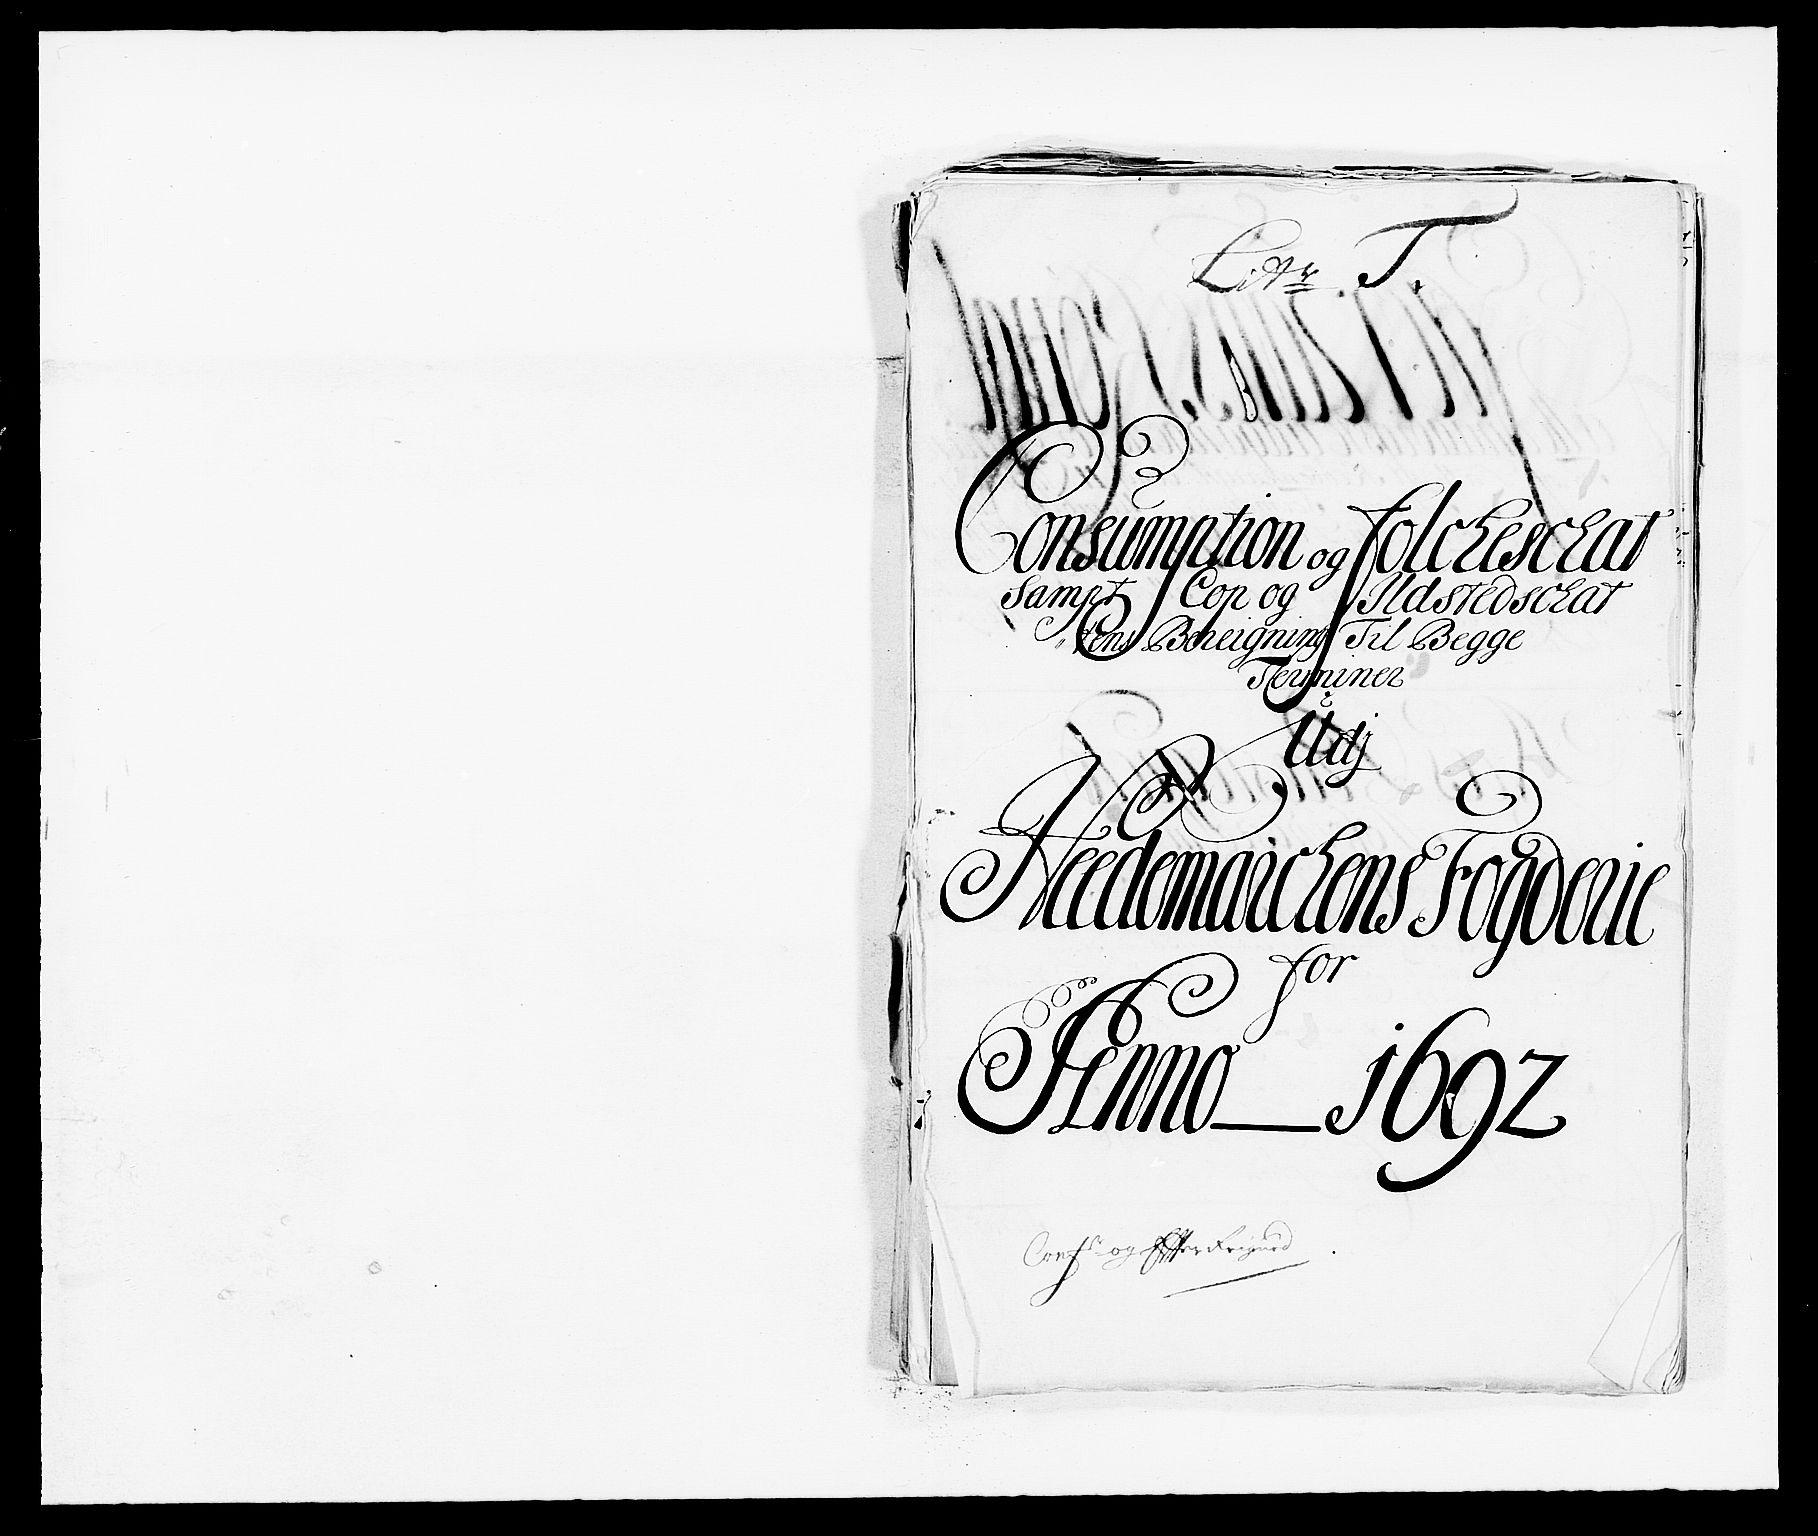 RA, Rentekammeret inntil 1814, Reviderte regnskaper, Fogderegnskap, R16/L1031: Fogderegnskap Hedmark, 1689-1692, s. 80